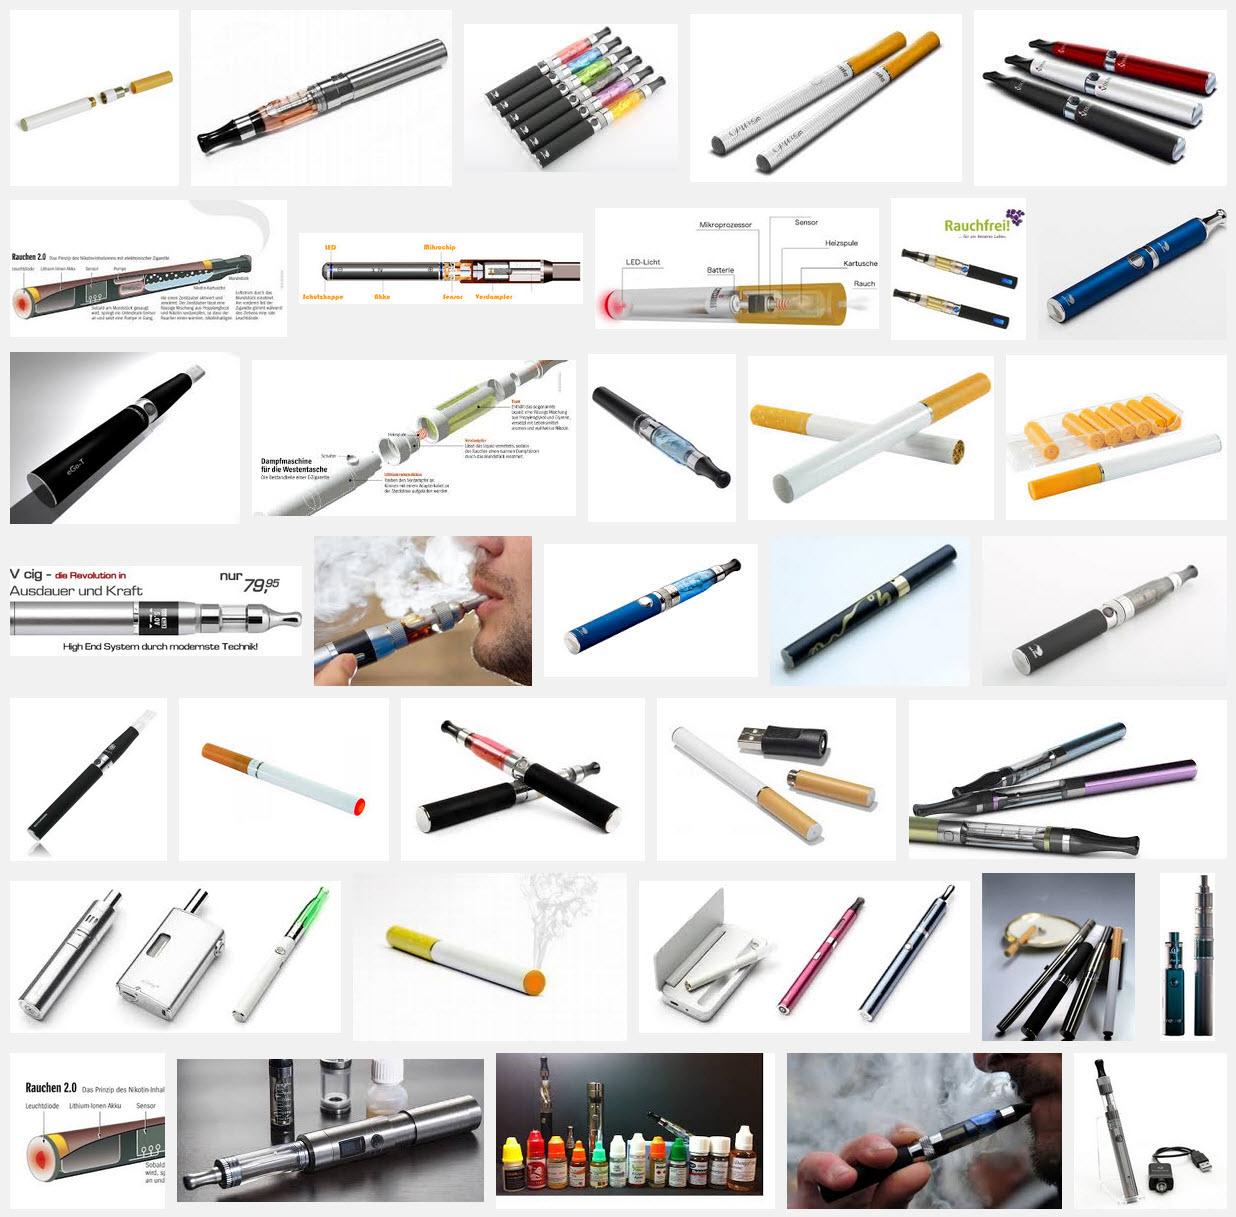 zigaretten inhaltsstoffe vergleich